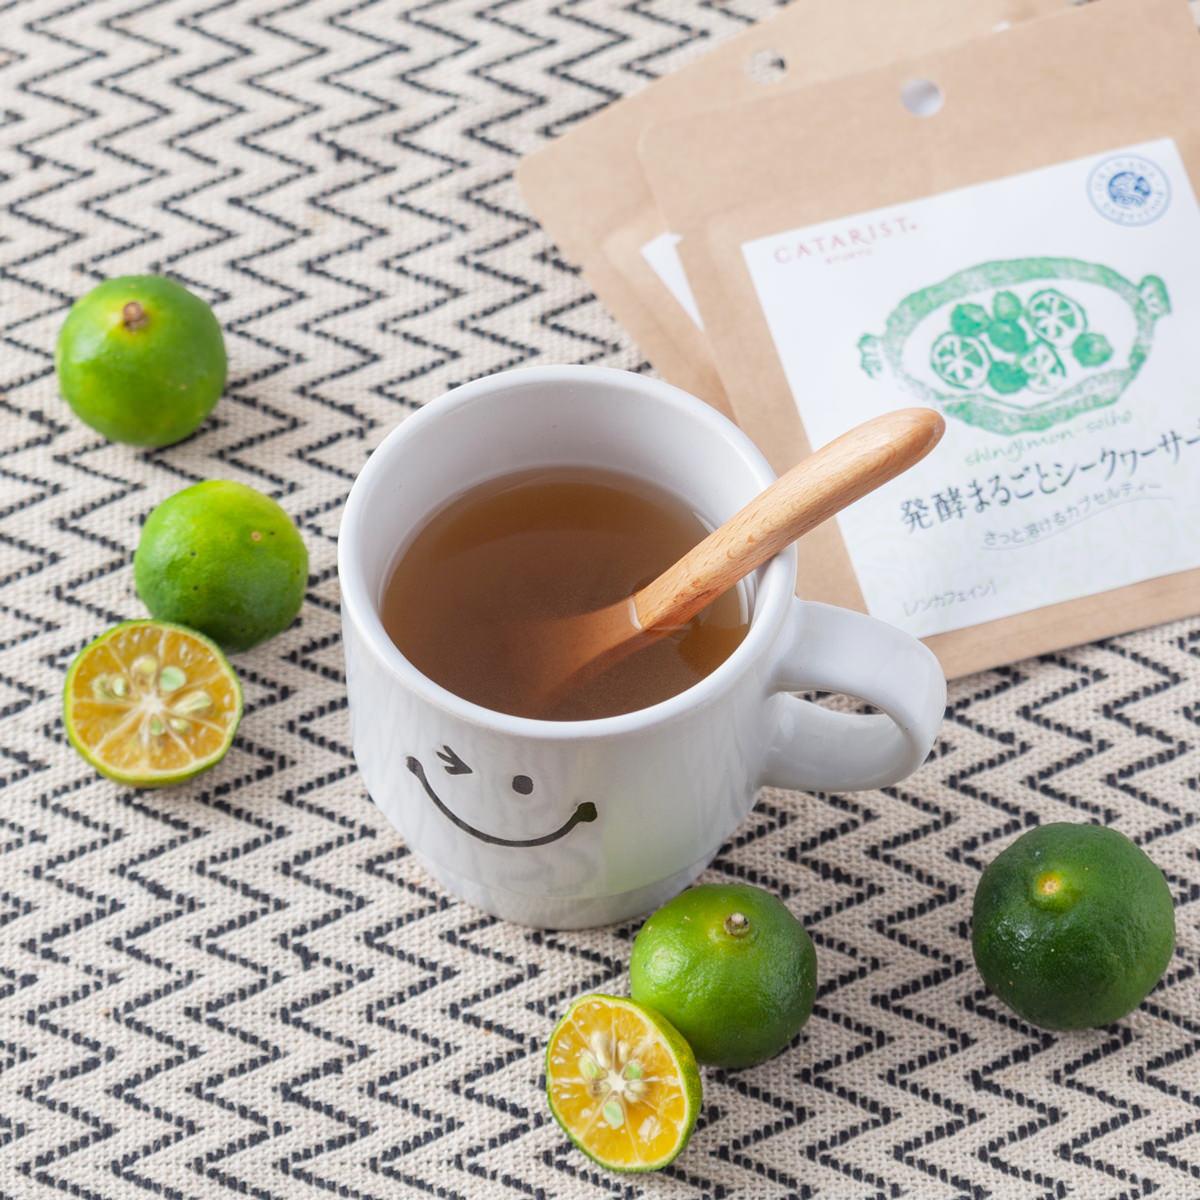 発酵まるごとシークヮーサー茶 〔10カプセル×3袋〕 お茶 発酵食品 カプセルティー 沖縄県 カタリスト琉球